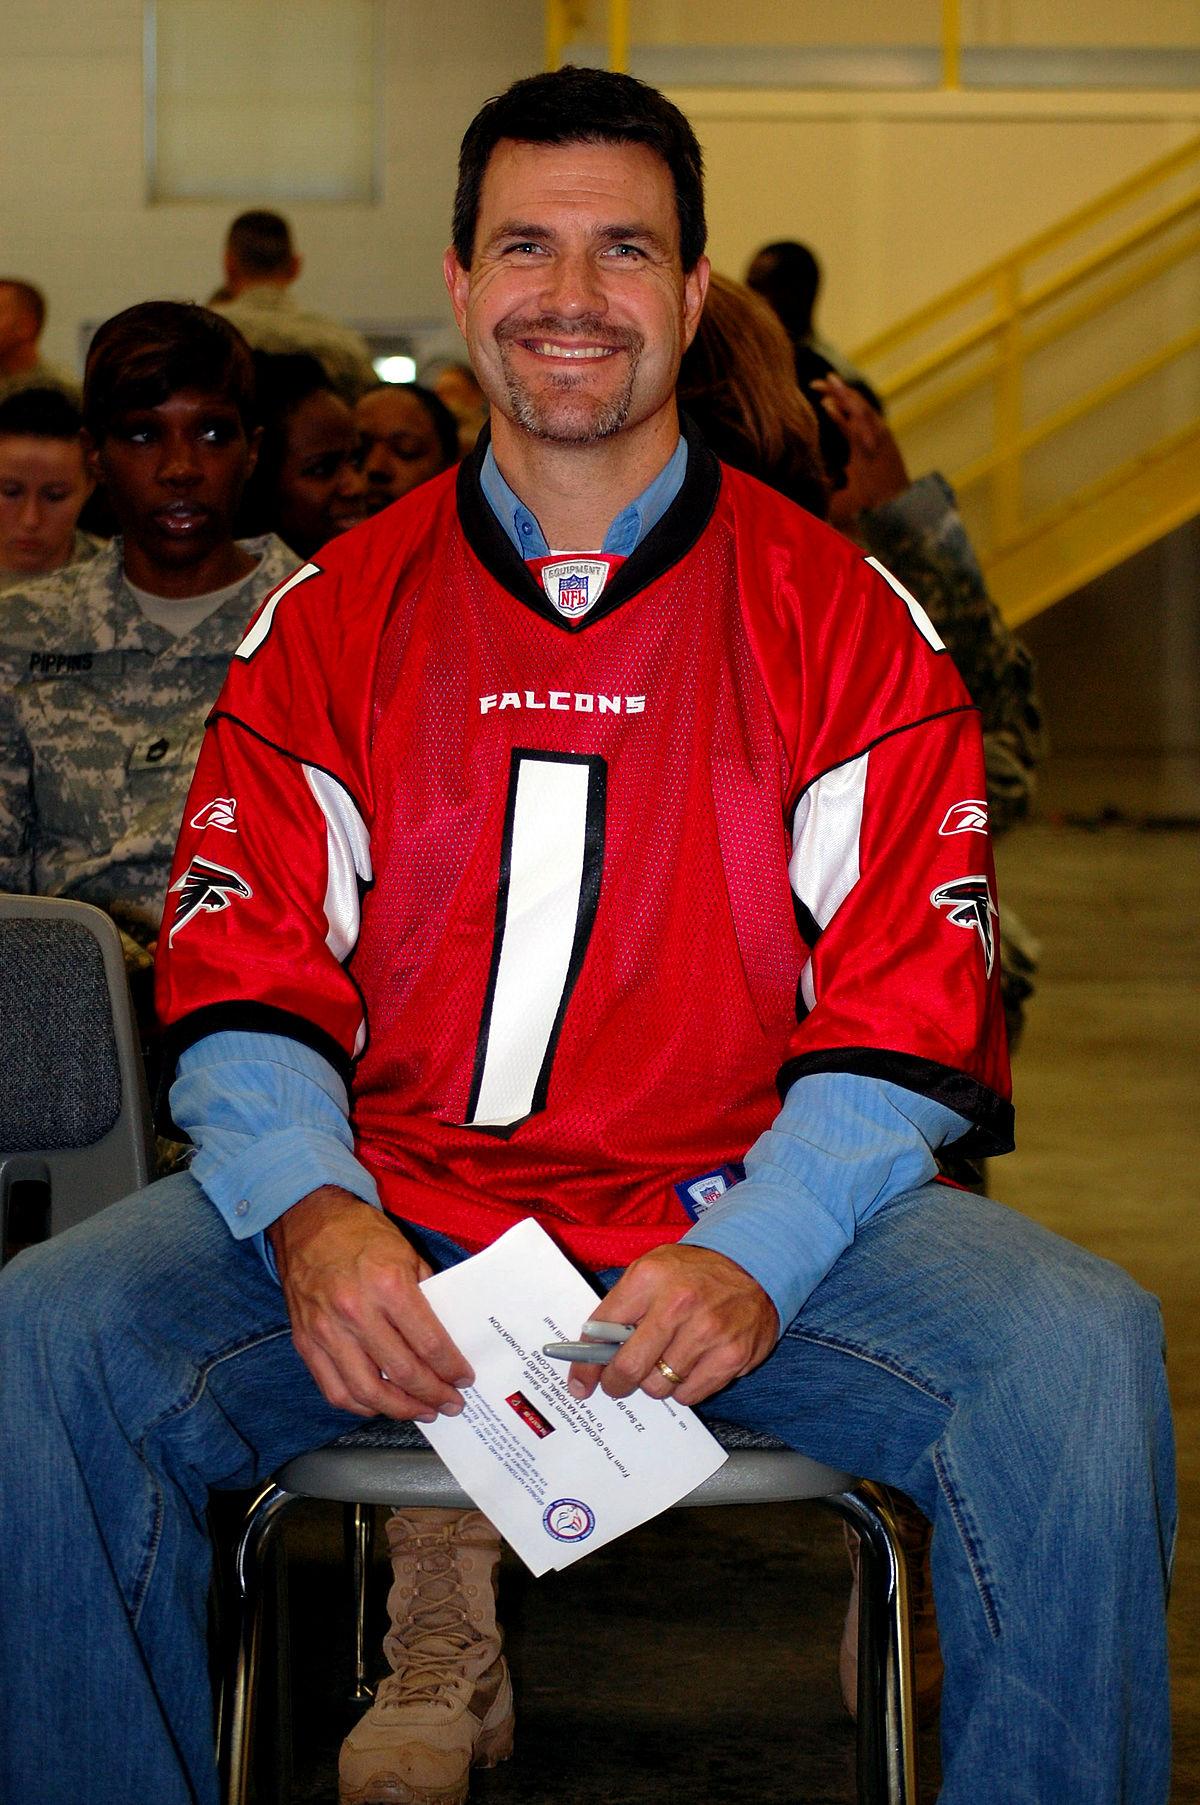 Xxxiii Jason Elam - Wikipedia